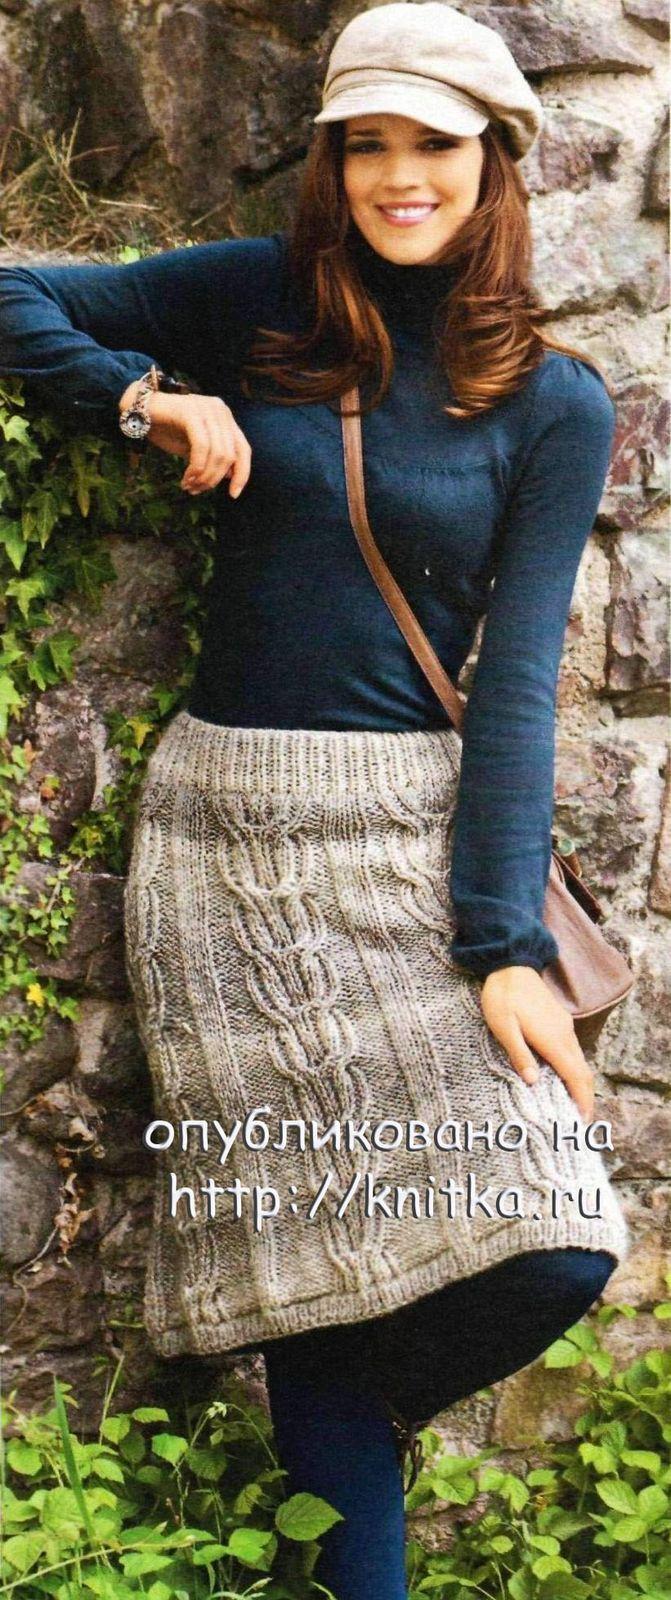 Меланжевая юбка связнная спицами